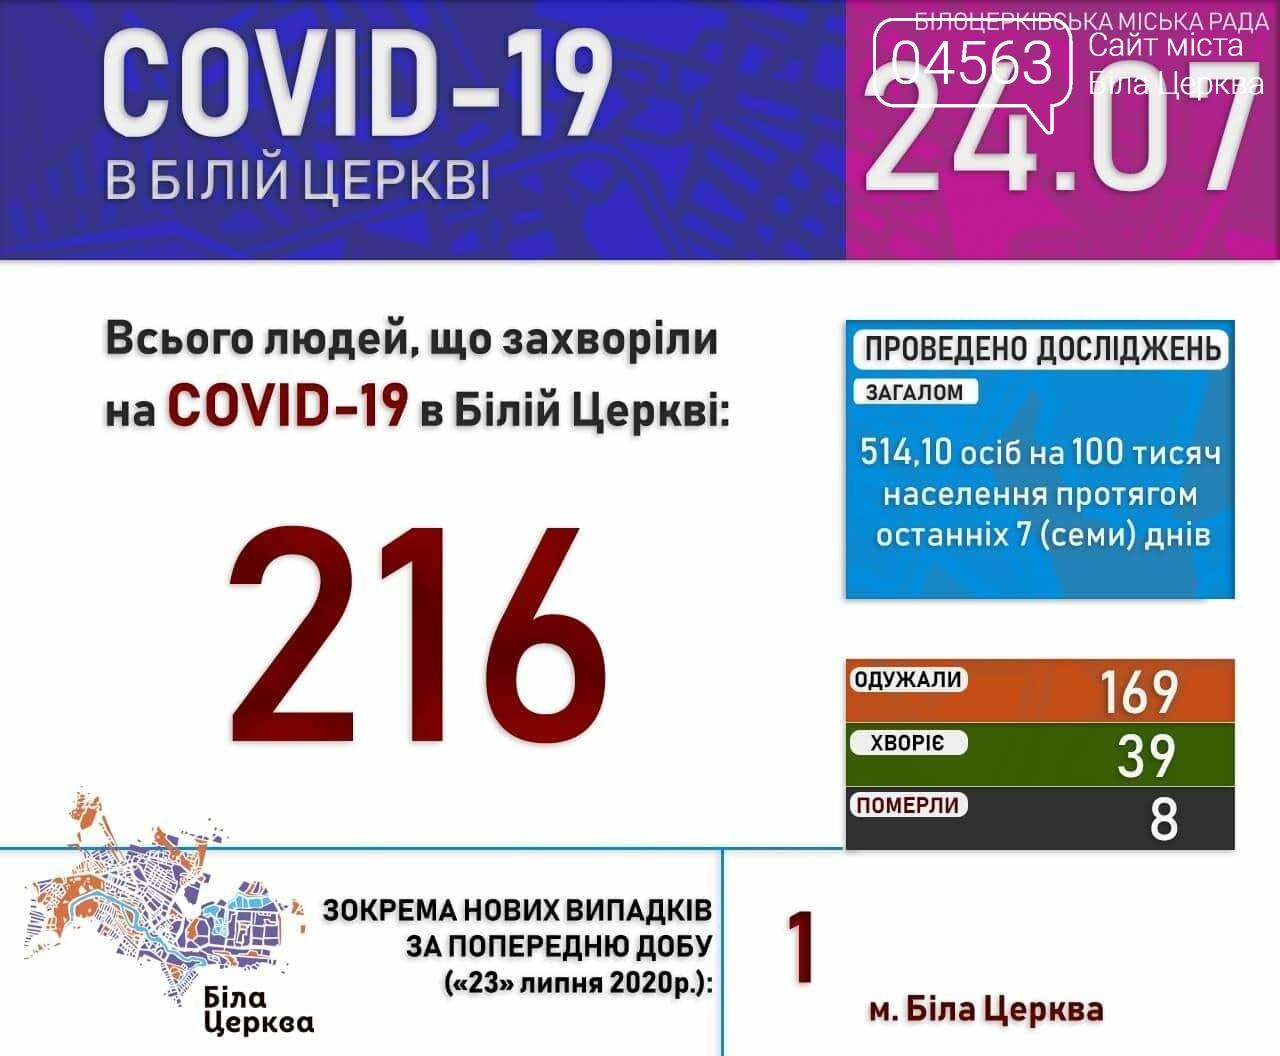 Поточна ситуація в Білій Церкві щодо кількості хворих на COVID-19 на 24.07.2020 року, фото-1